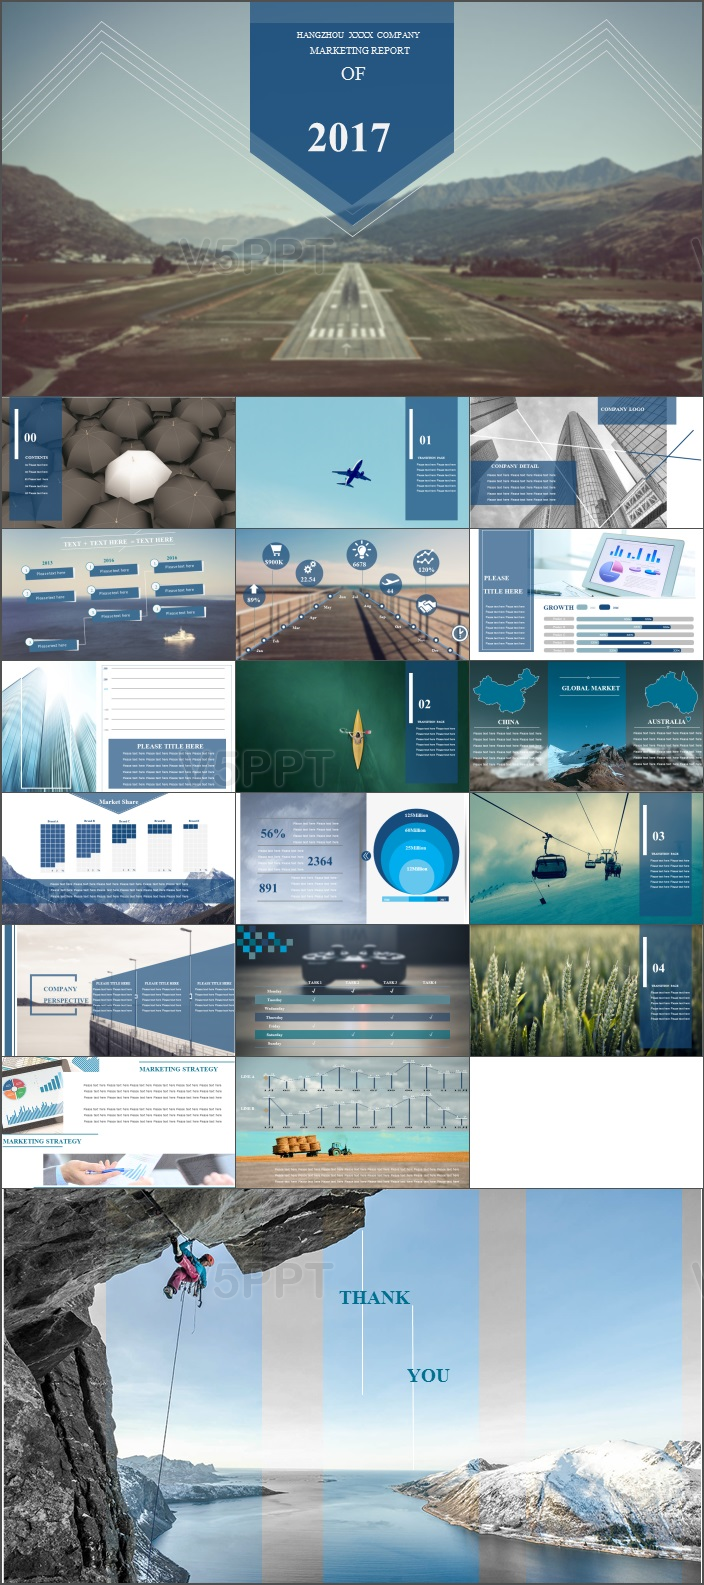 2017蓝色大气欧美风工作计划总结商务PPT模板